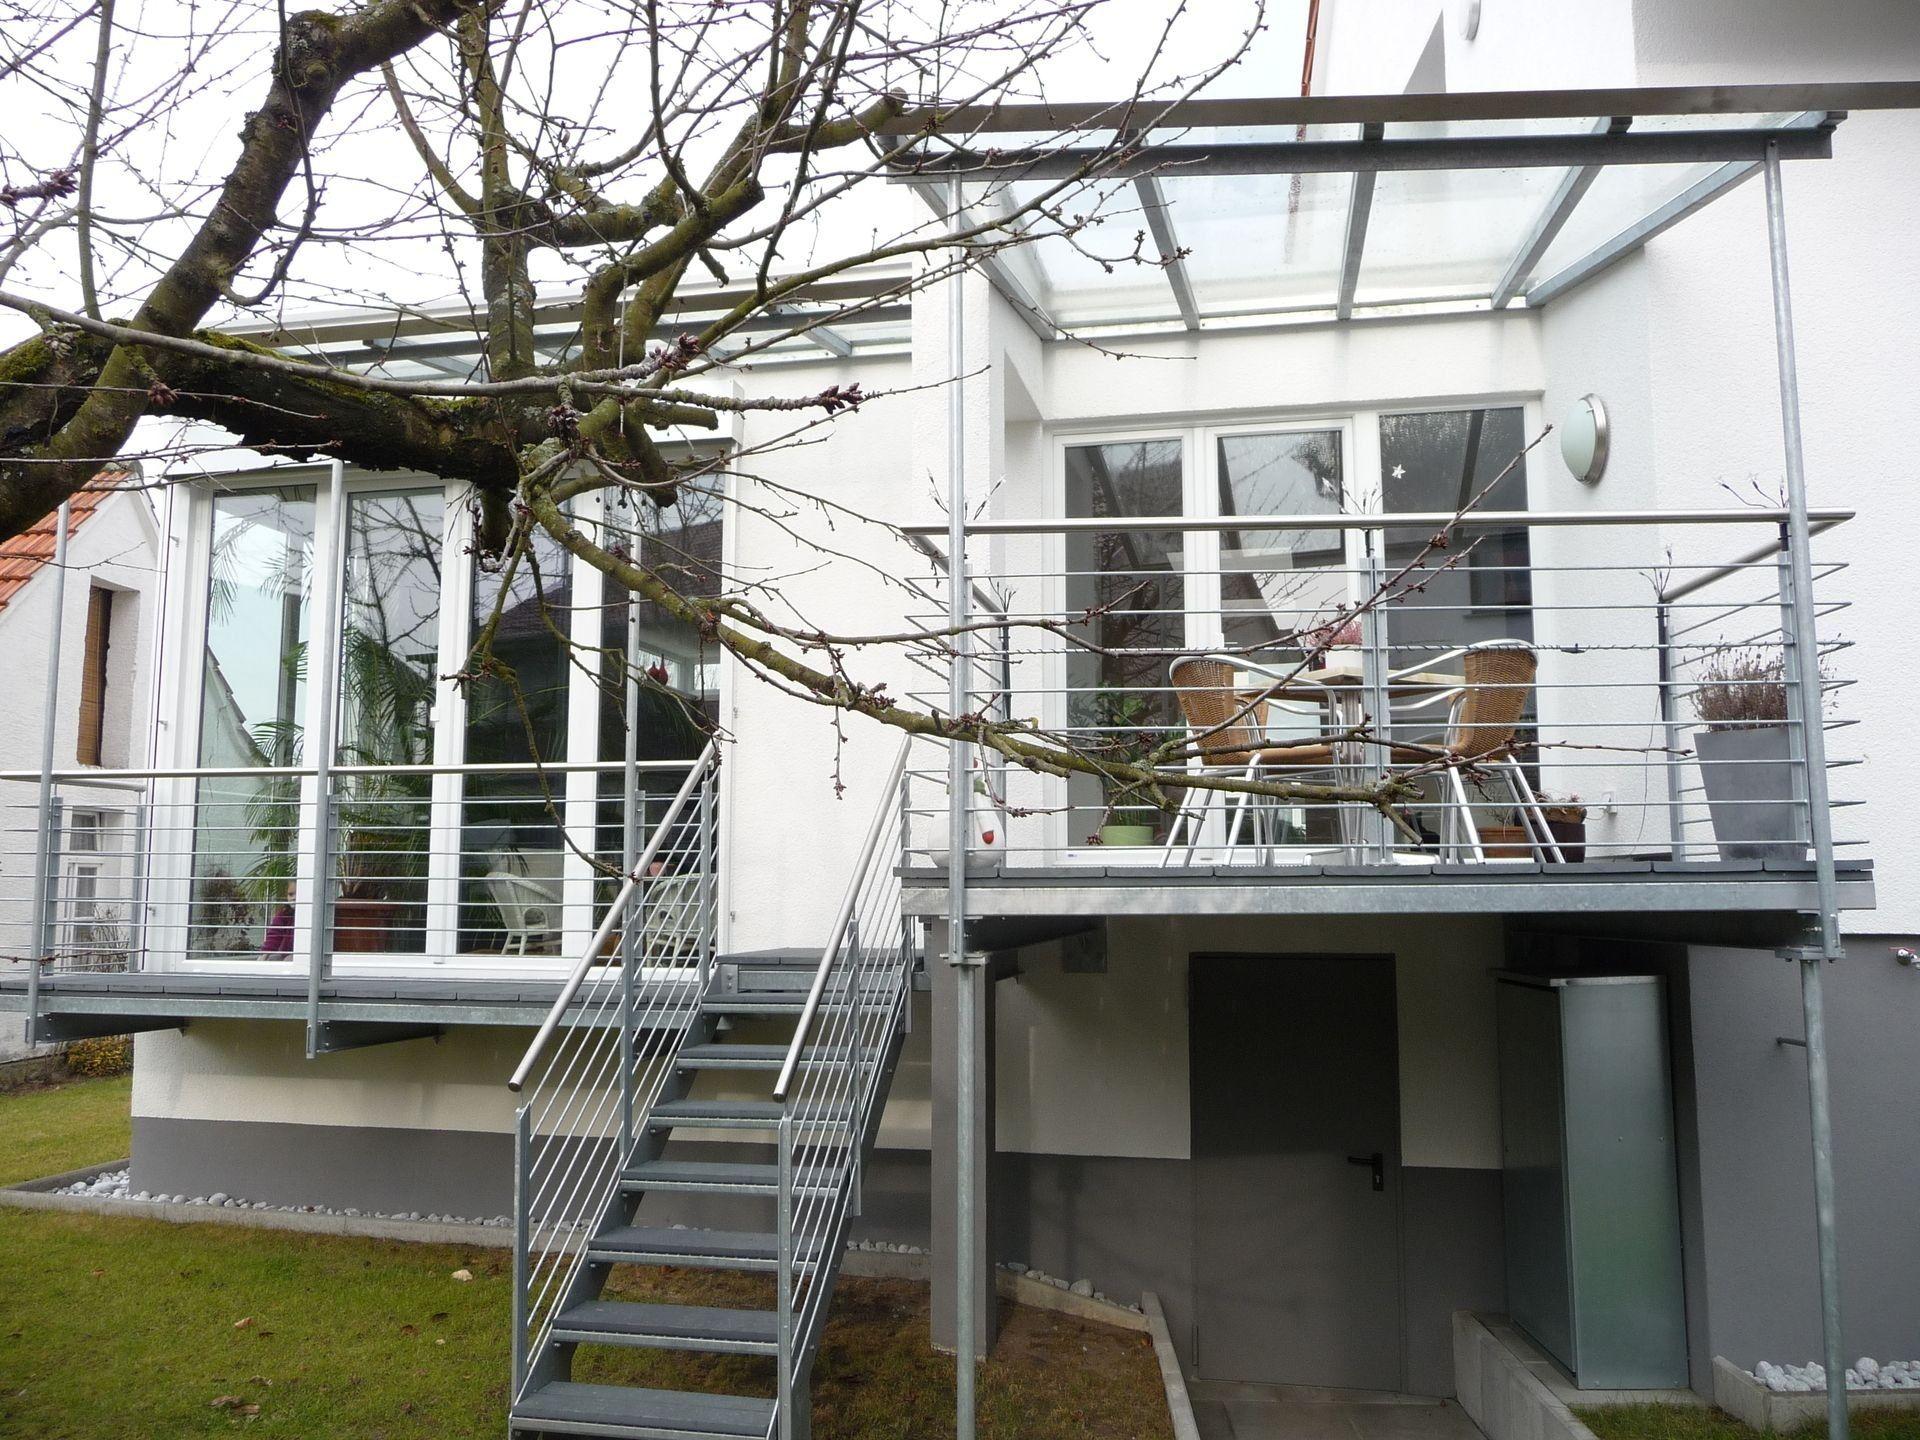 Balkon Mit Treppe In Den Garten Du Hast Es Nie Versucht Von Balkon Terrasse Mit Treppe In Den Garten Bauemotion De In Bezug Auf B Haus Terassenentwurf Treppe